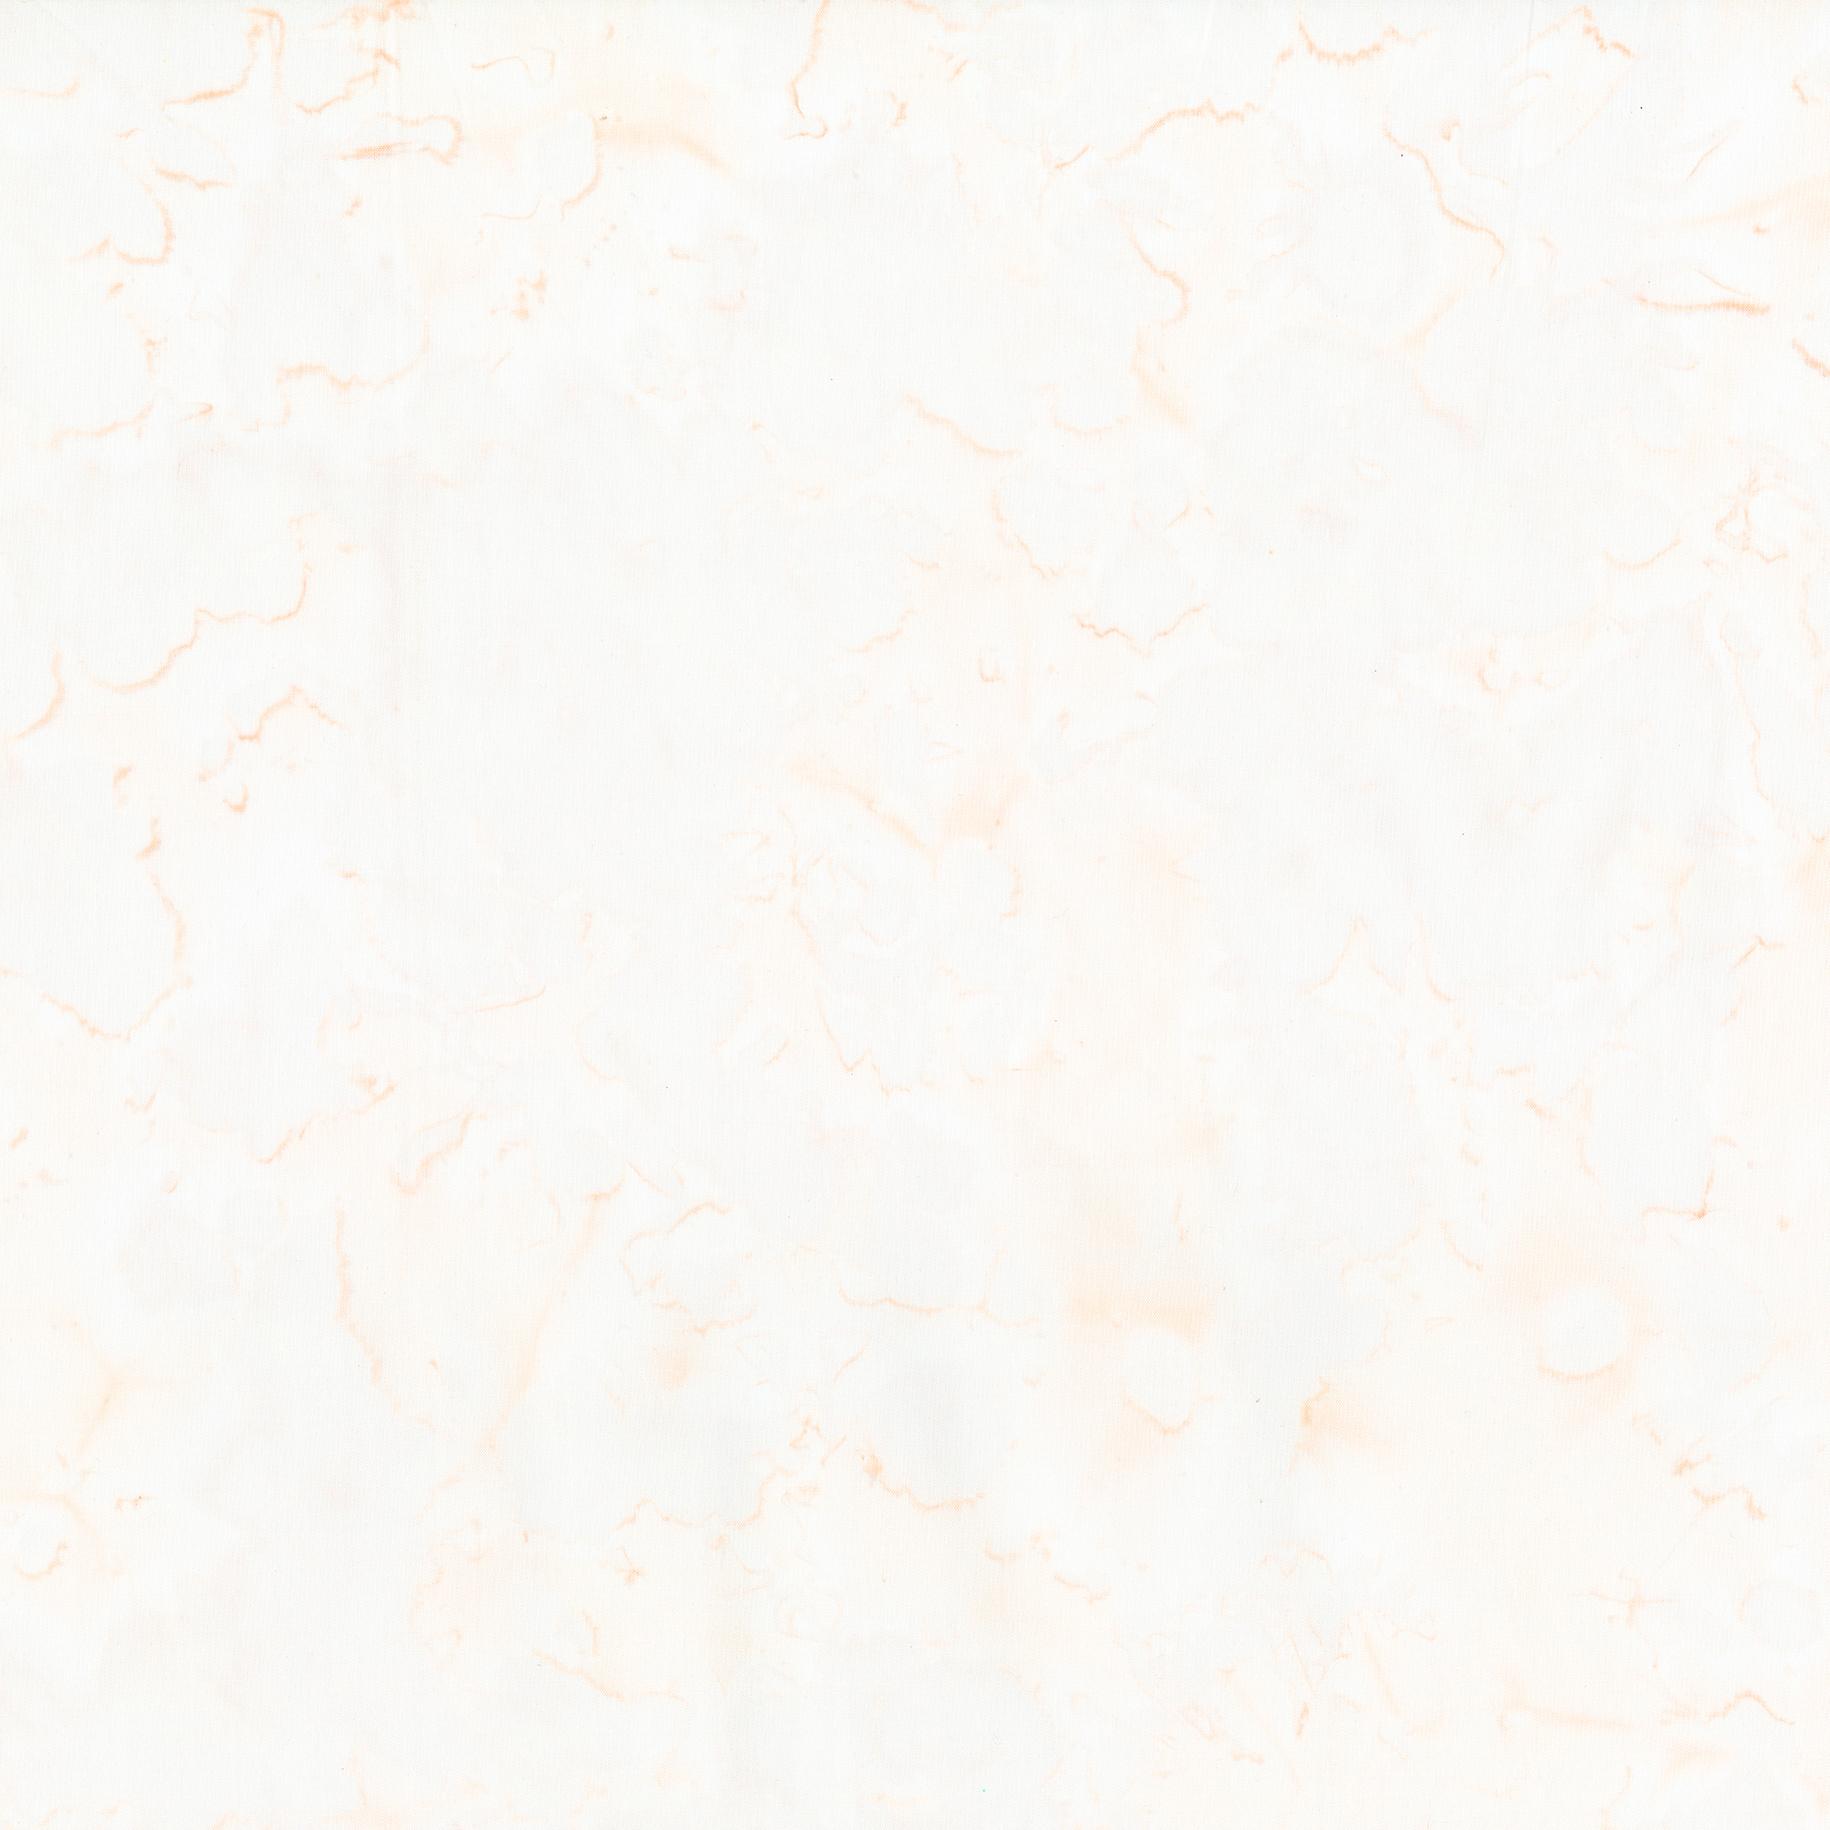 2930-033 MILKY QUARTZ